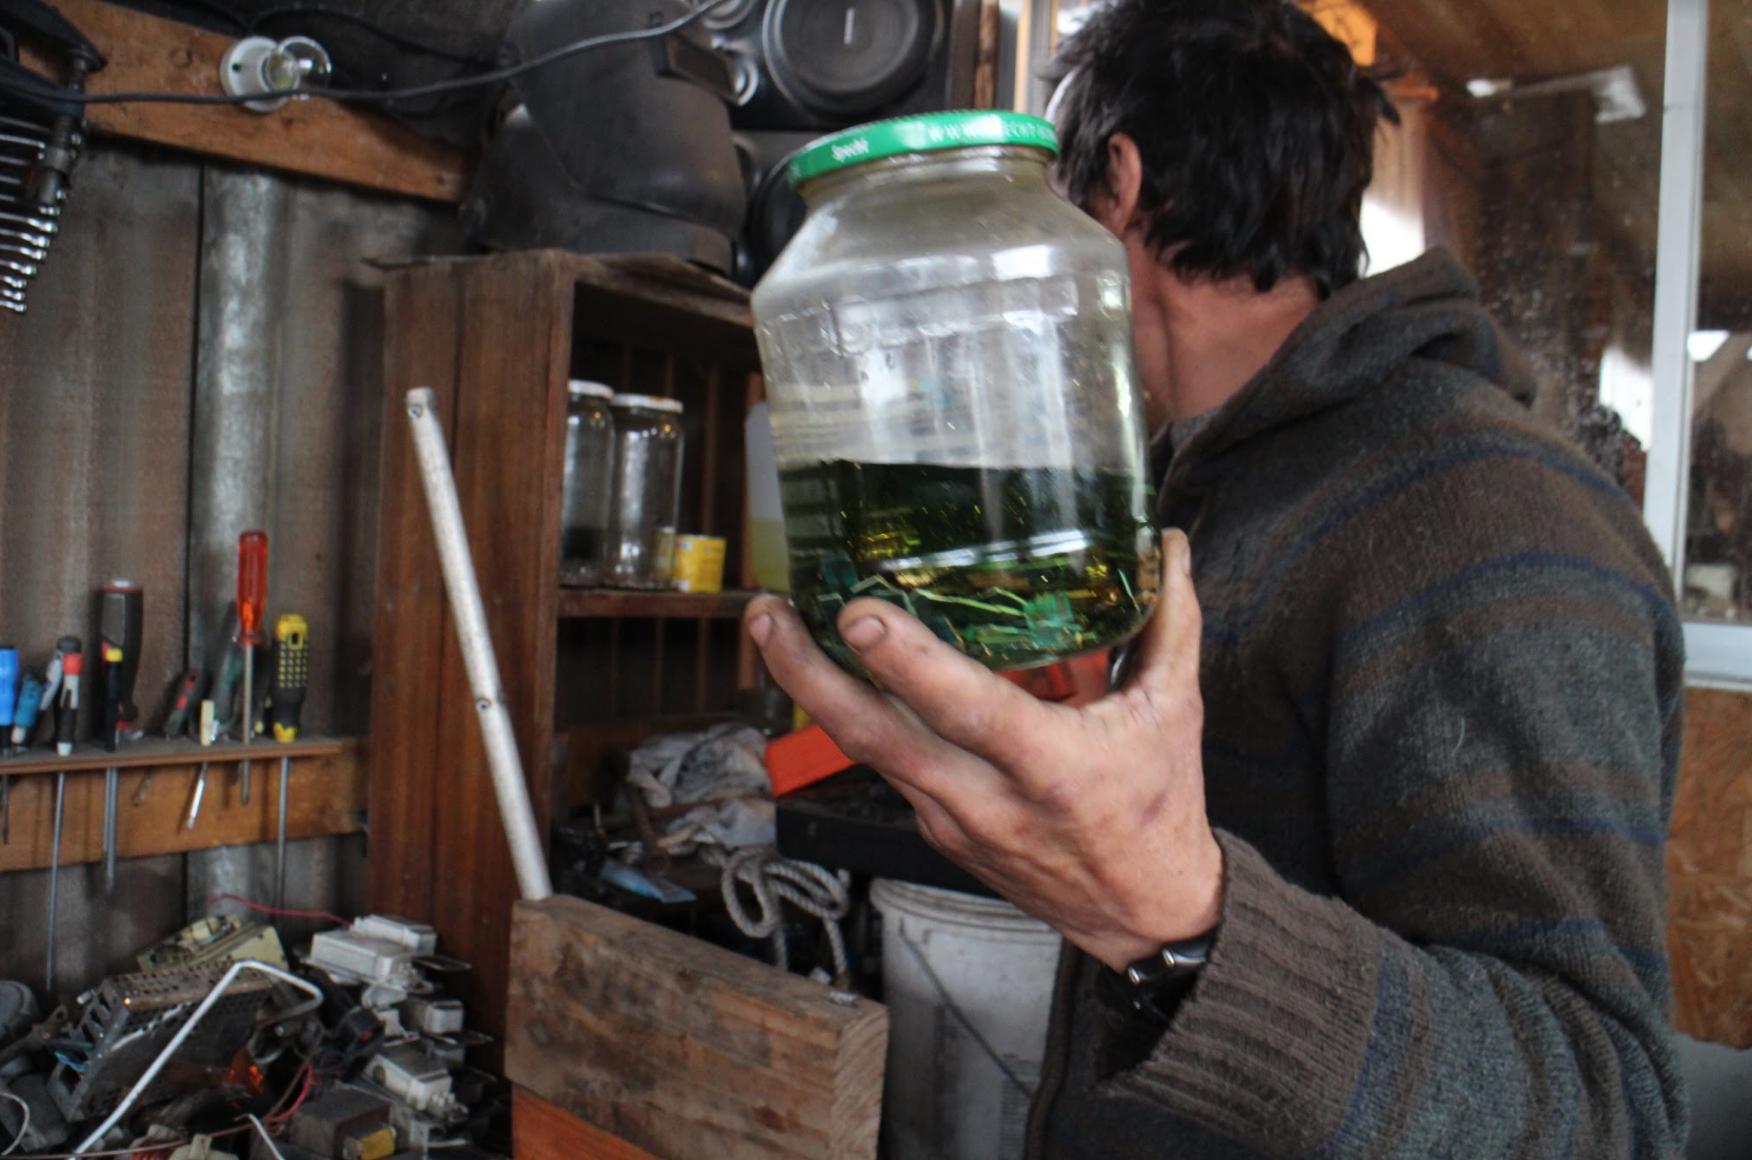 Un reciclador muestra una tarjeta de circuito impreso que ha puesto en ácido para desarmarla. Crédito de imagen: Exposure Research Lab